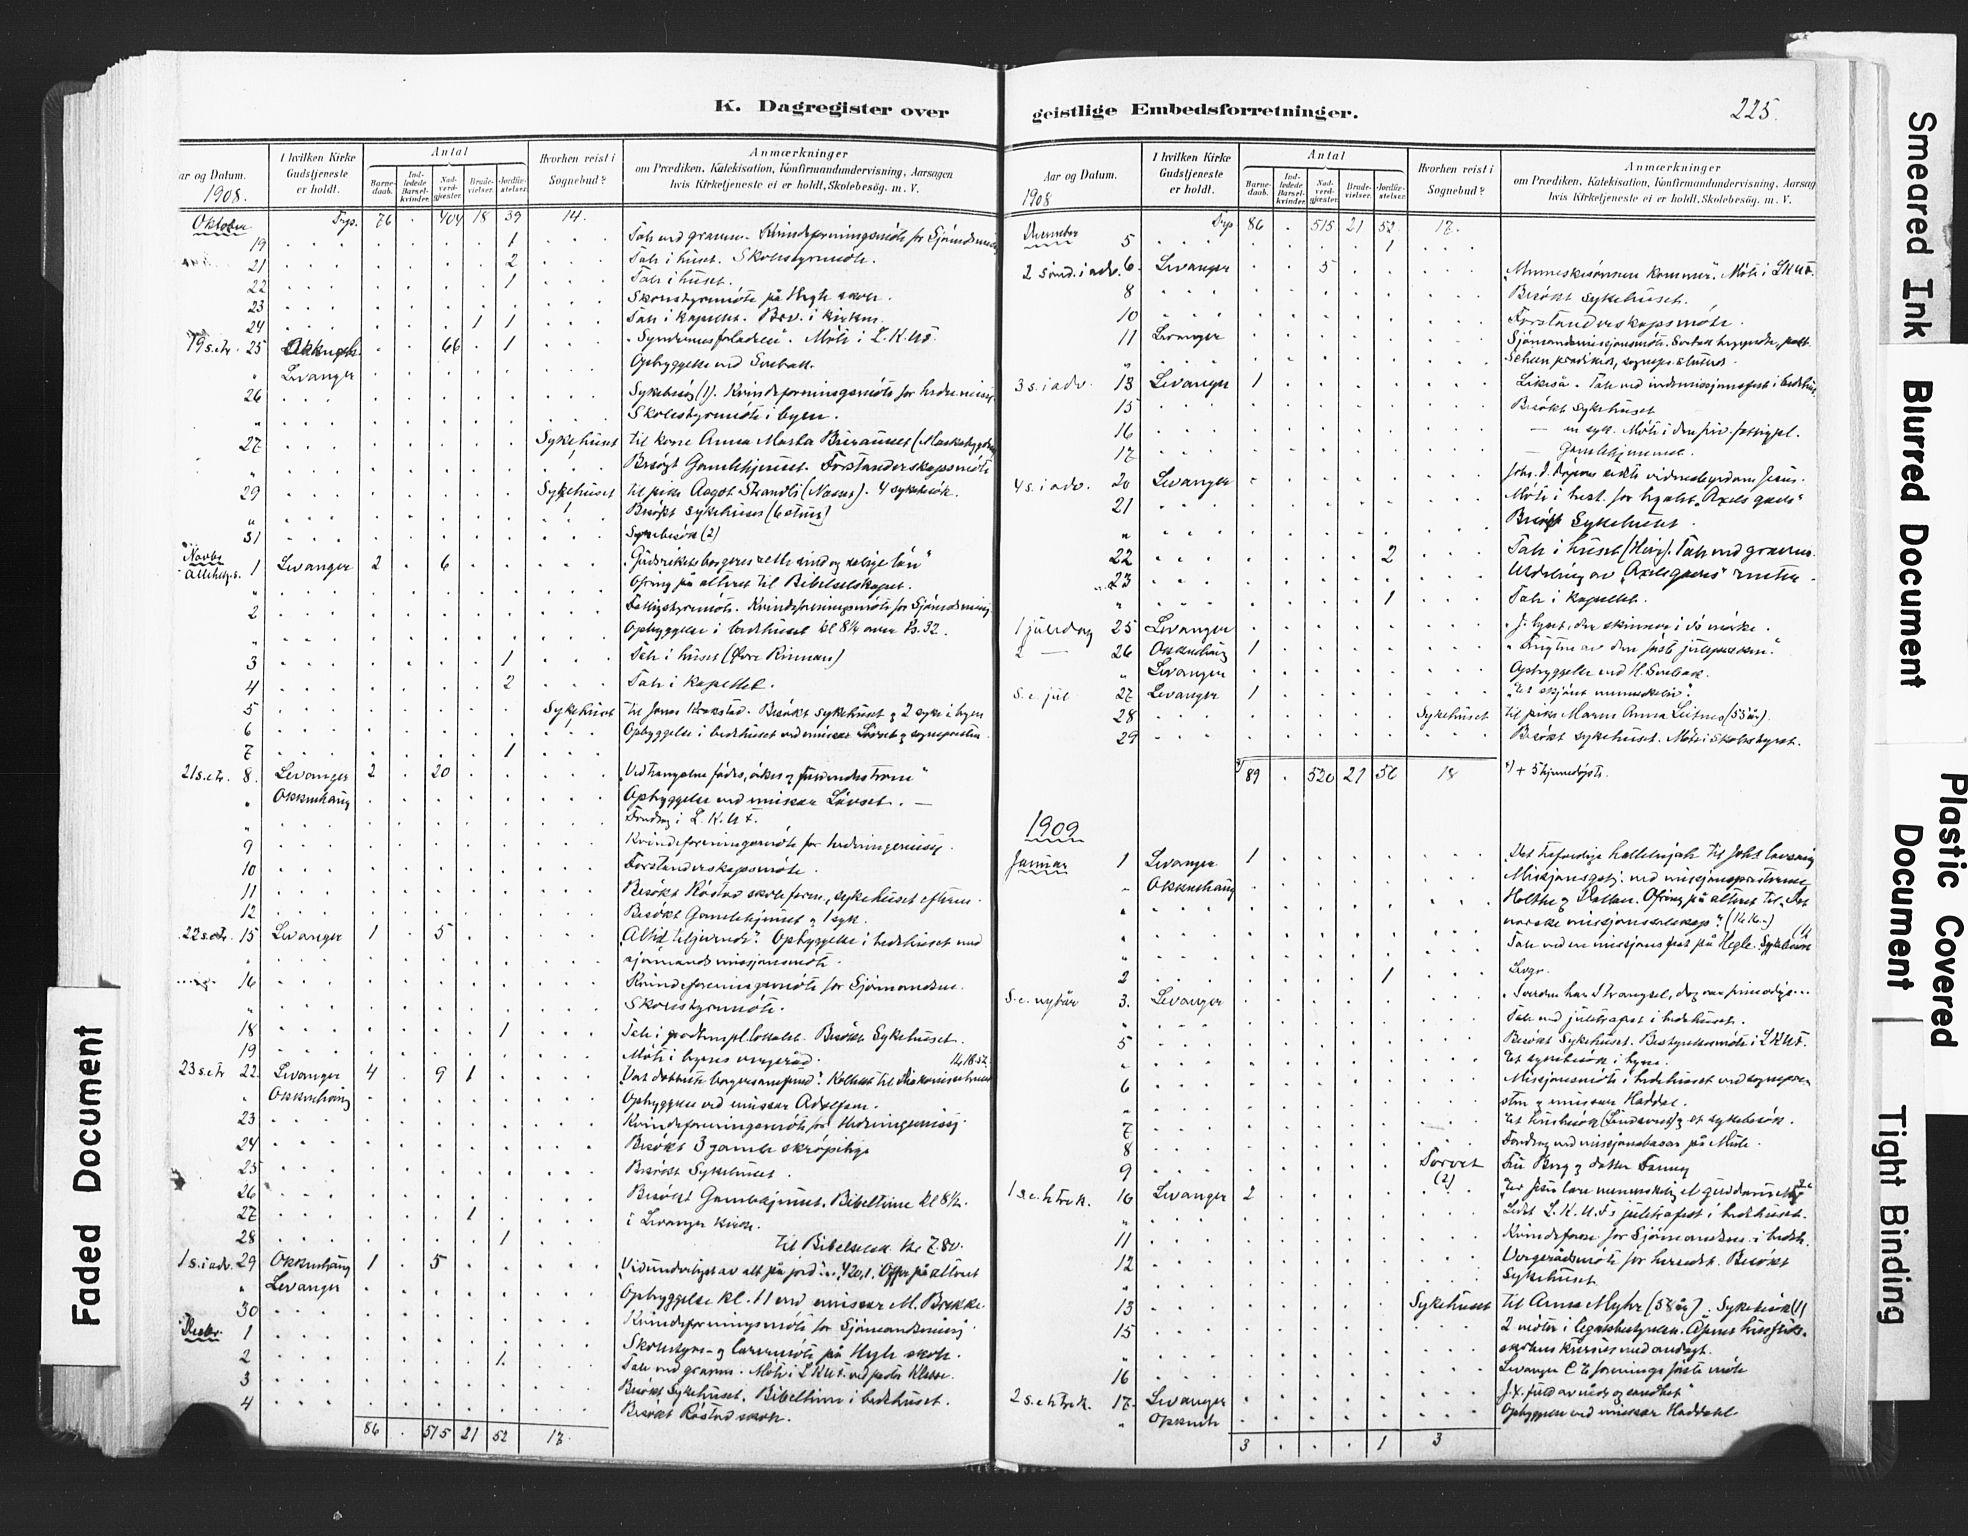 SAT, Ministerialprotokoller, klokkerbøker og fødselsregistre - Nord-Trøndelag, 720/L0189: Ministerialbok nr. 720A05, 1880-1911, s. 225